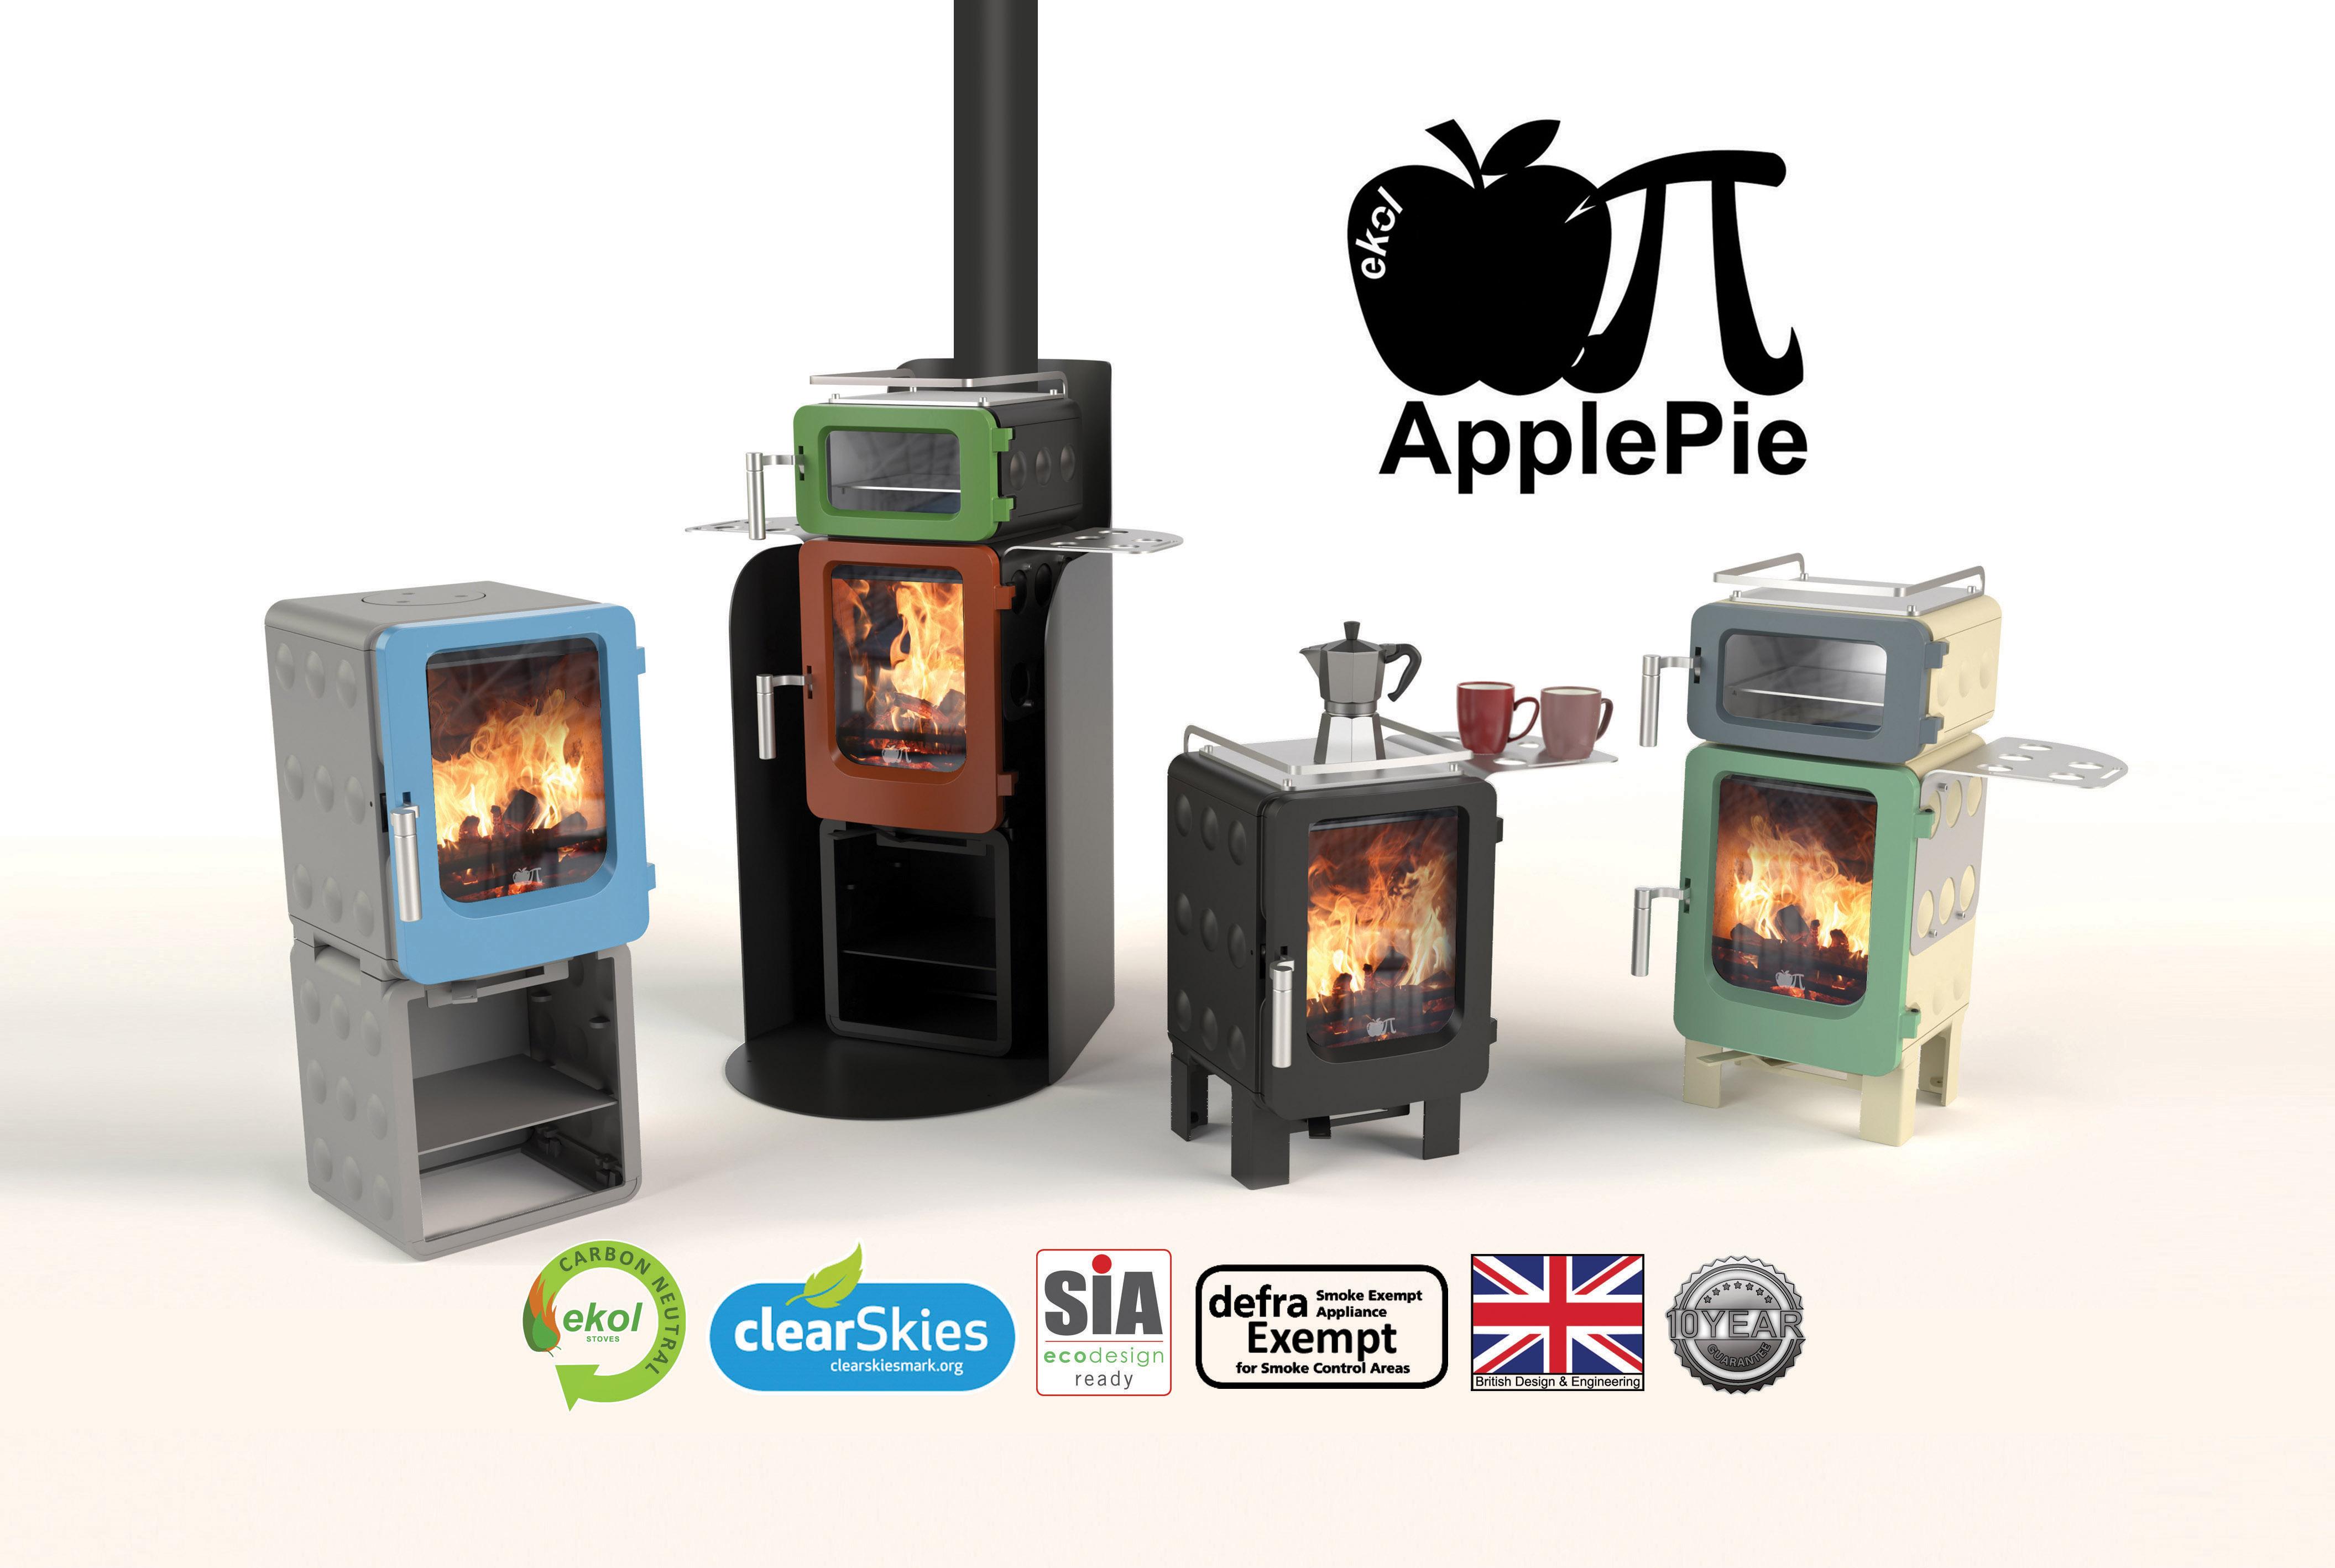 apple pie_Alternate_cover_1.jpg